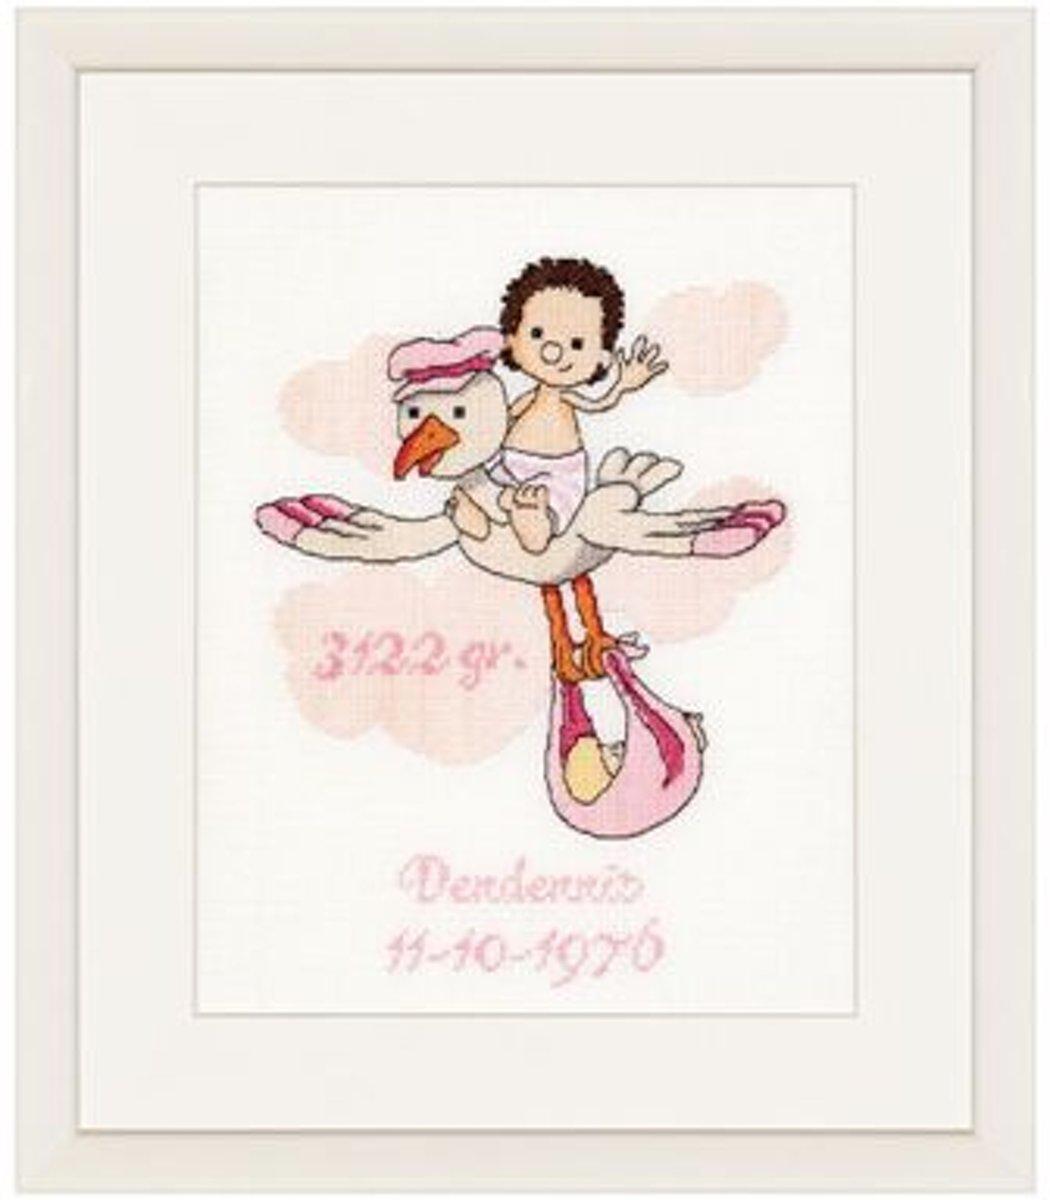 Thea Gouverneur Borduurpakket 753A DenDennis It's a Girl Geboortetegel meisje - Aida stof 100% katoen